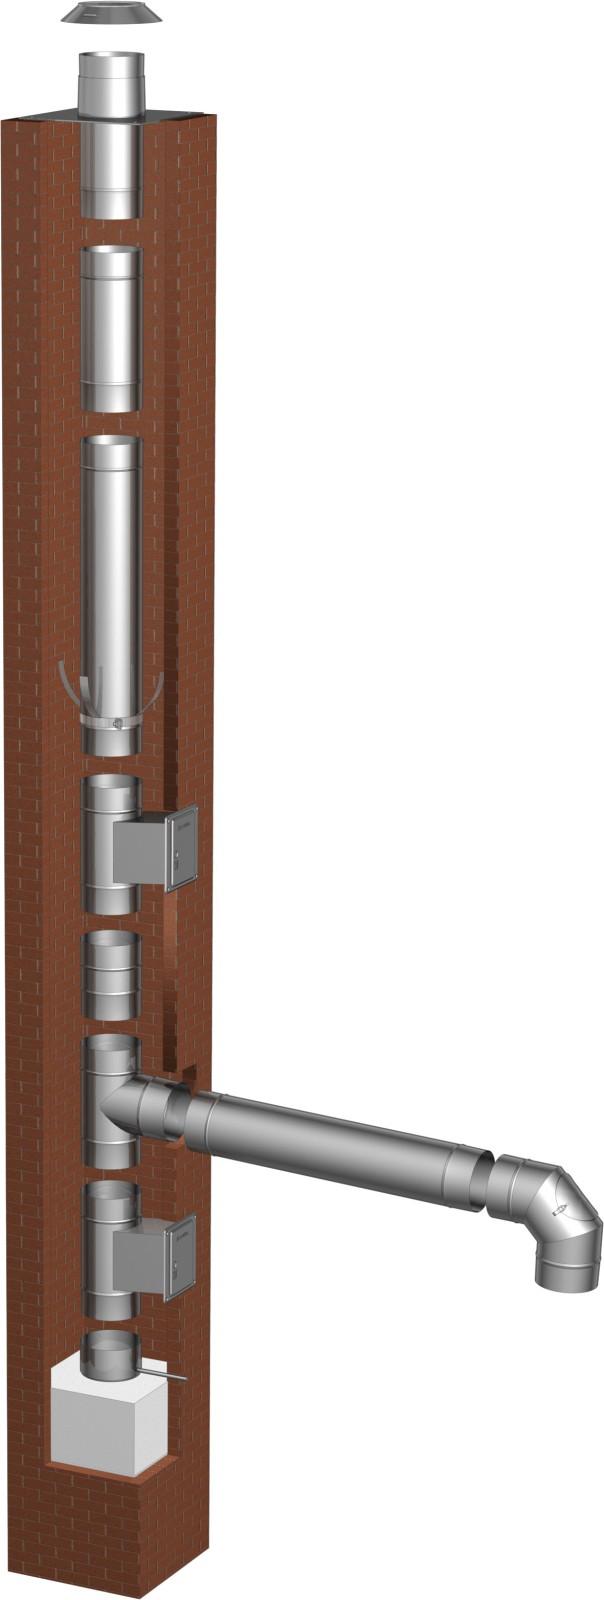 schornsteinsanierung bausatz 130mm ew fu schornstein fachhandel. Black Bedroom Furniture Sets. Home Design Ideas